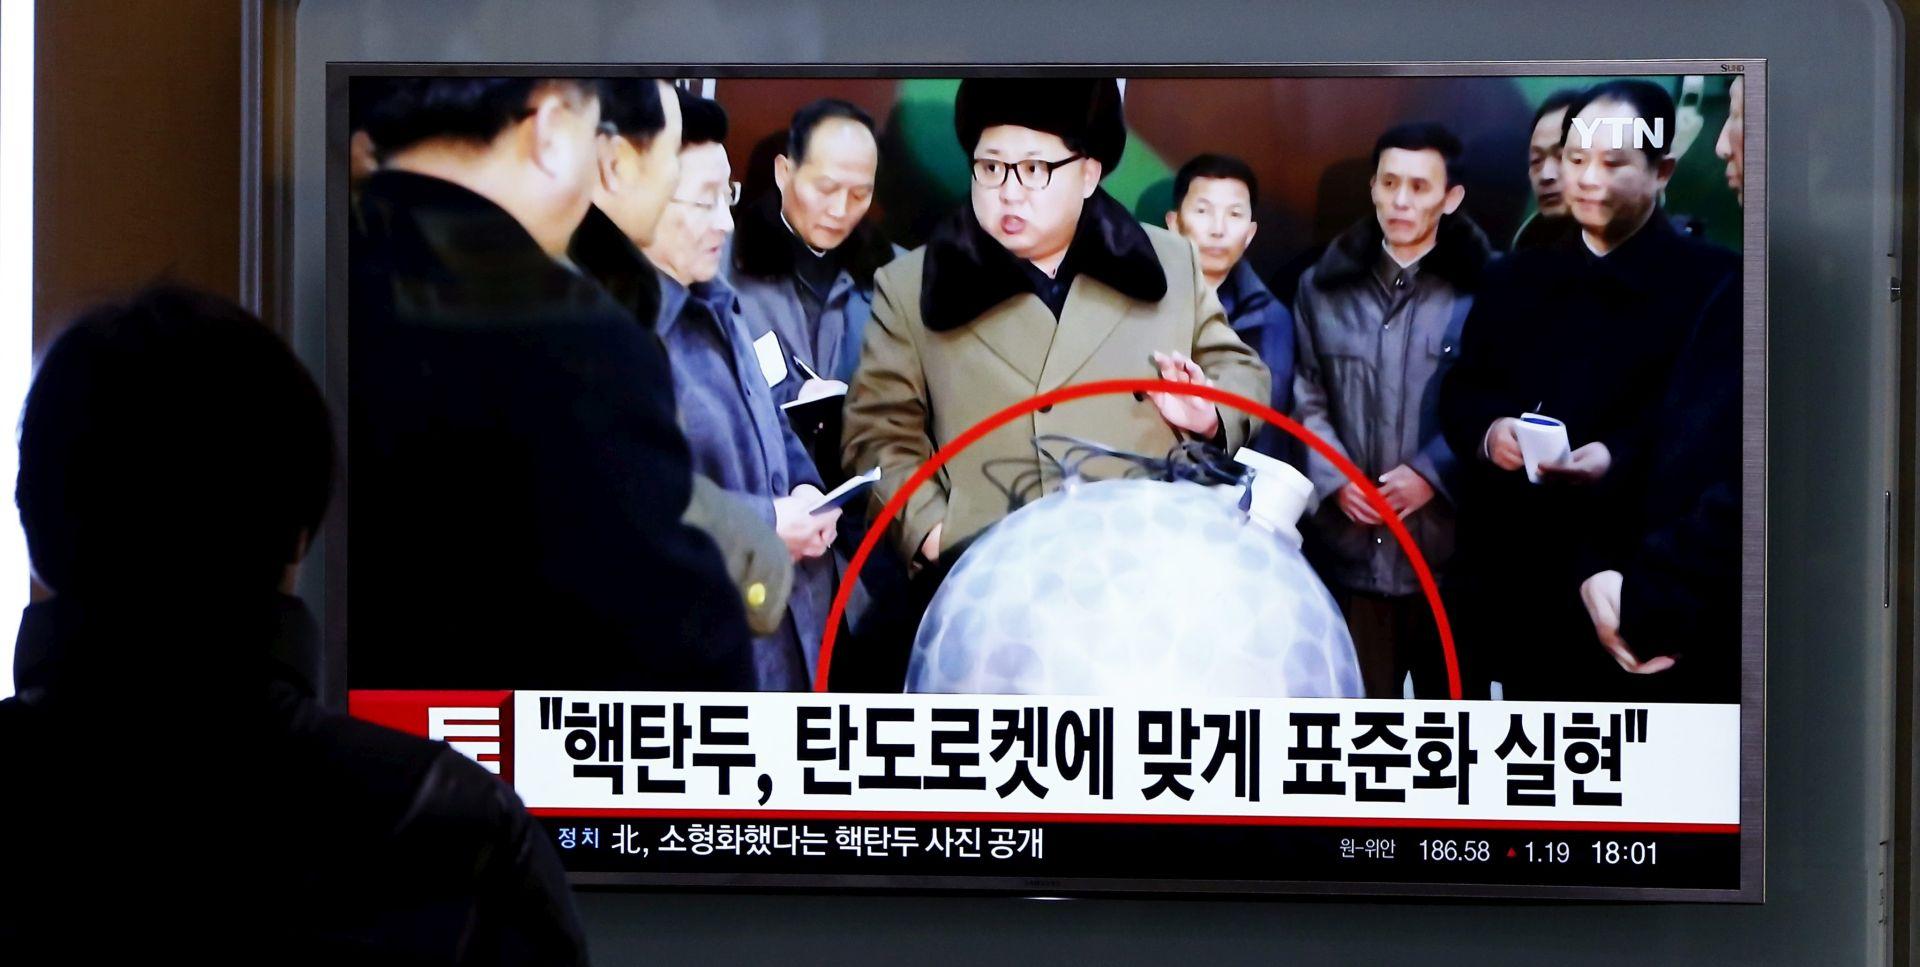 Kim Jon-un najavio nova testiranja nuklearne bojne glave i balističke rakete